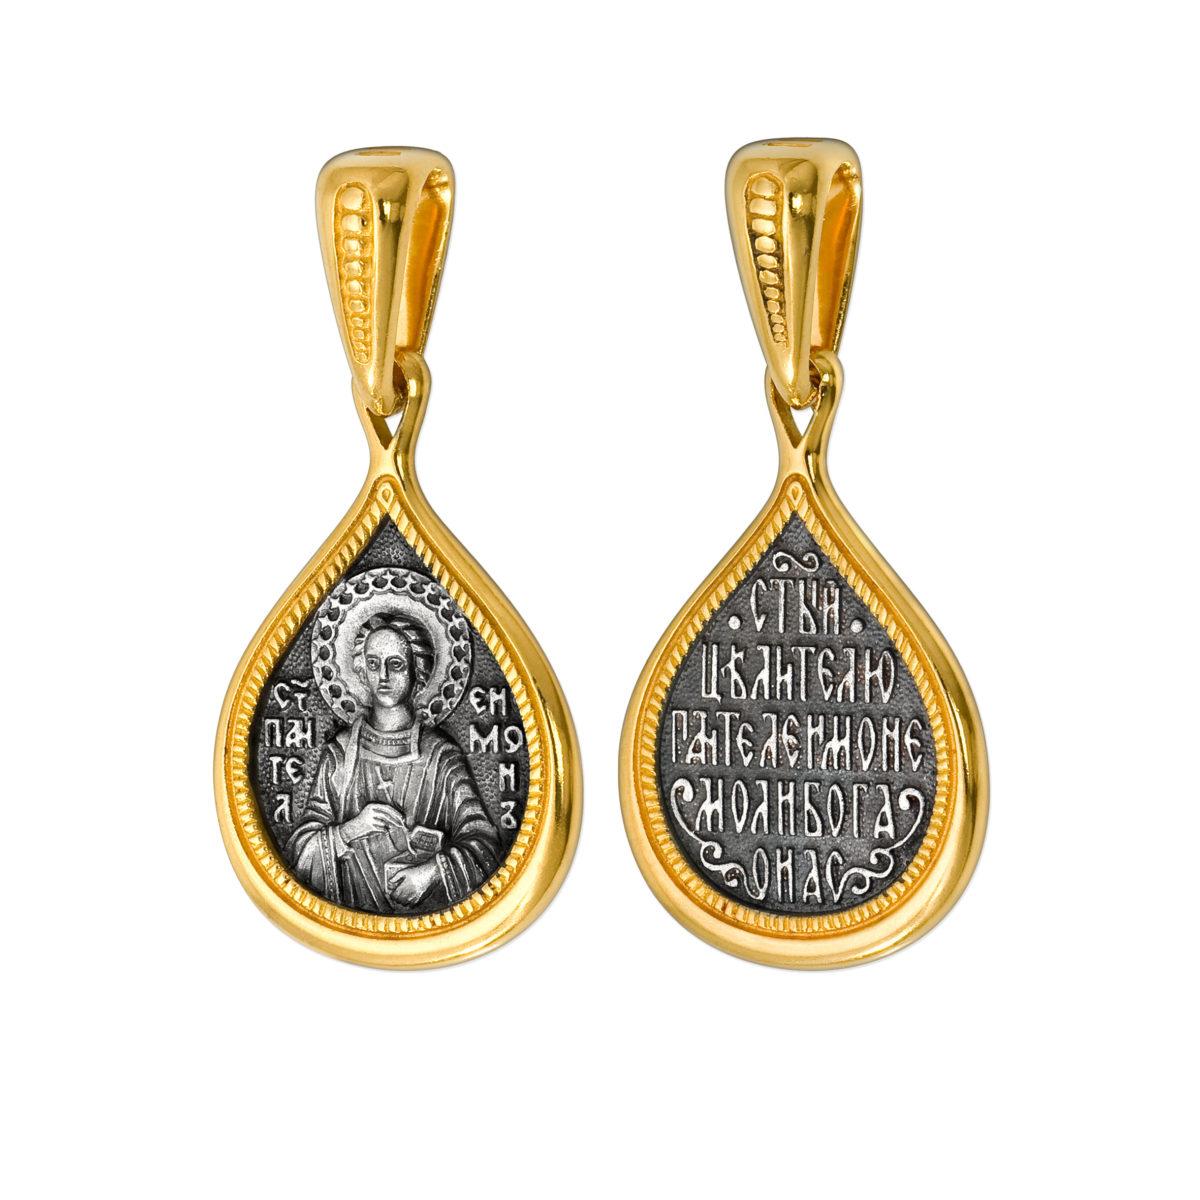 8.57 1200x1200 - Образок «Святой Великомученик и Целитель Пантелеимон. Молитва»